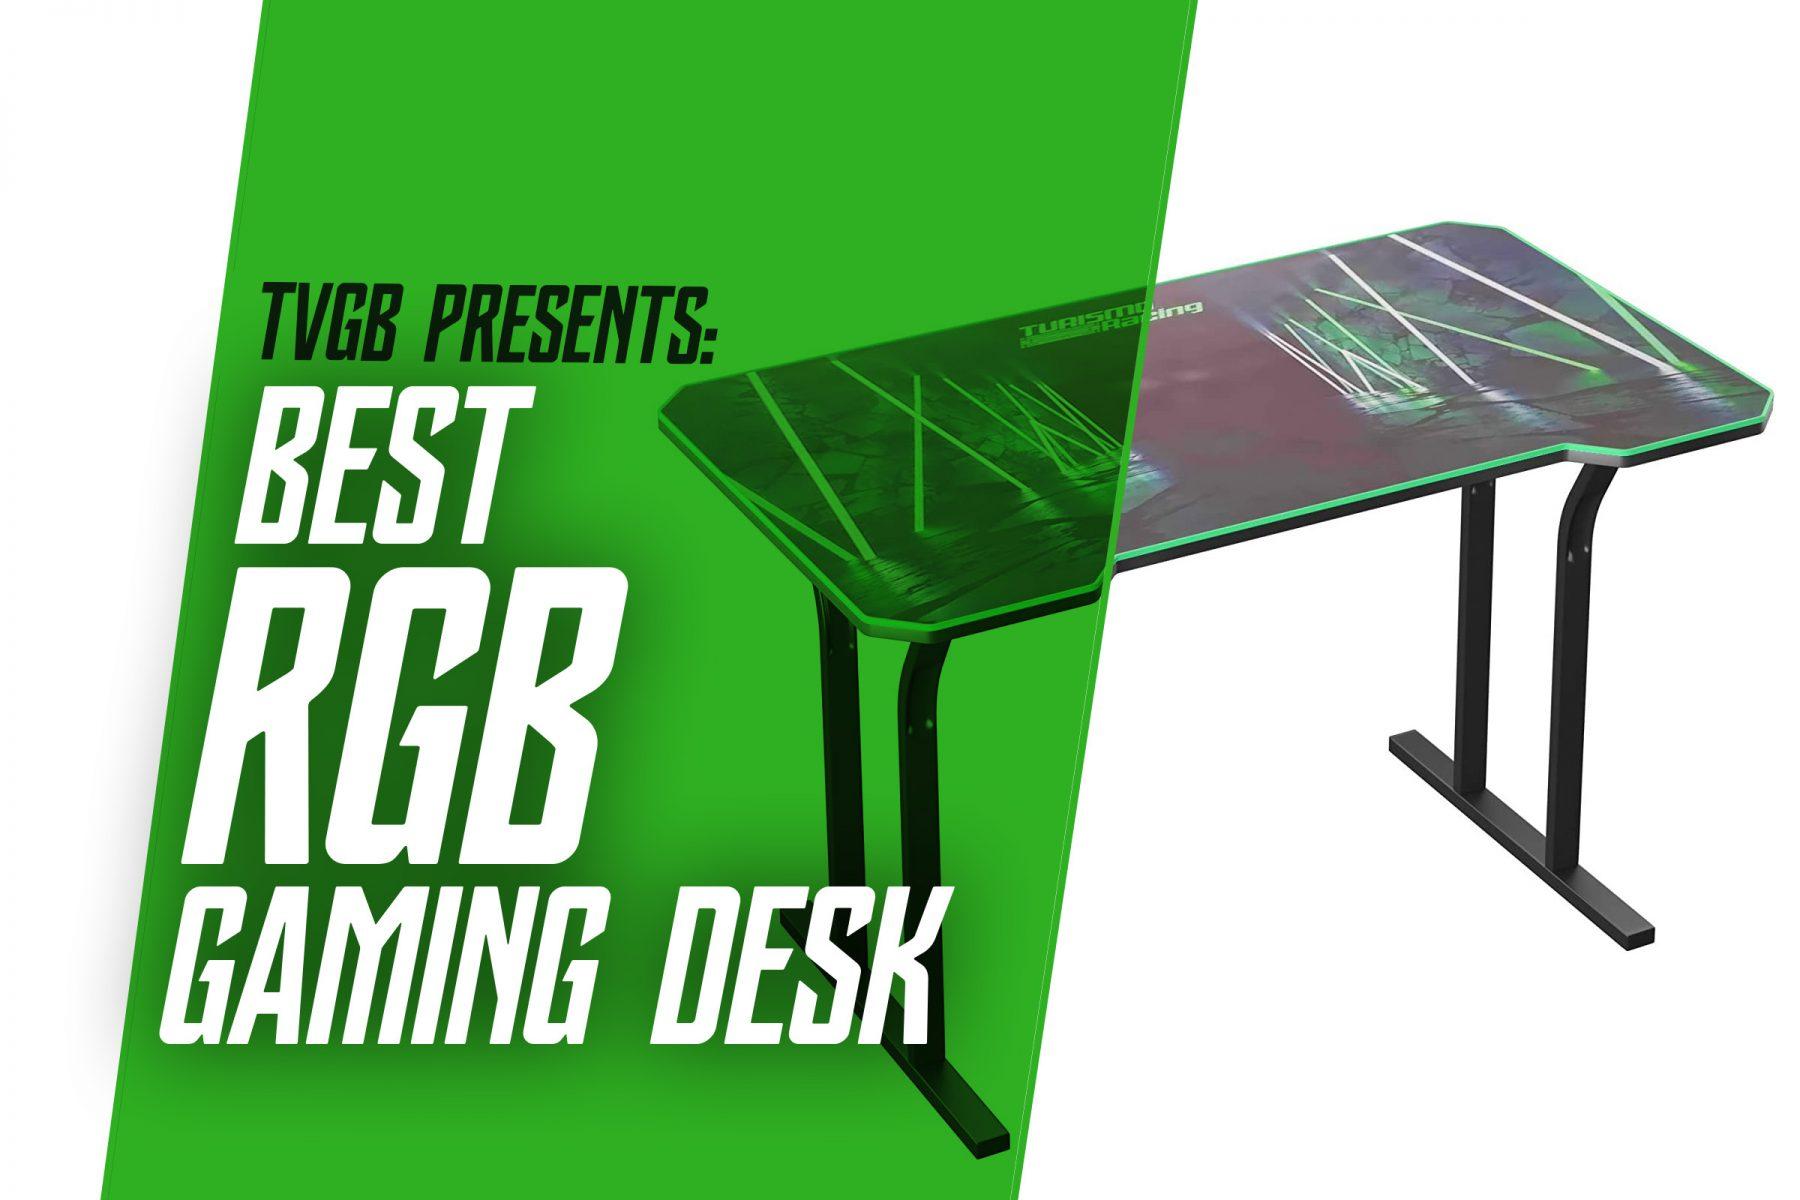 TVGB - rgb gaming desk, header image